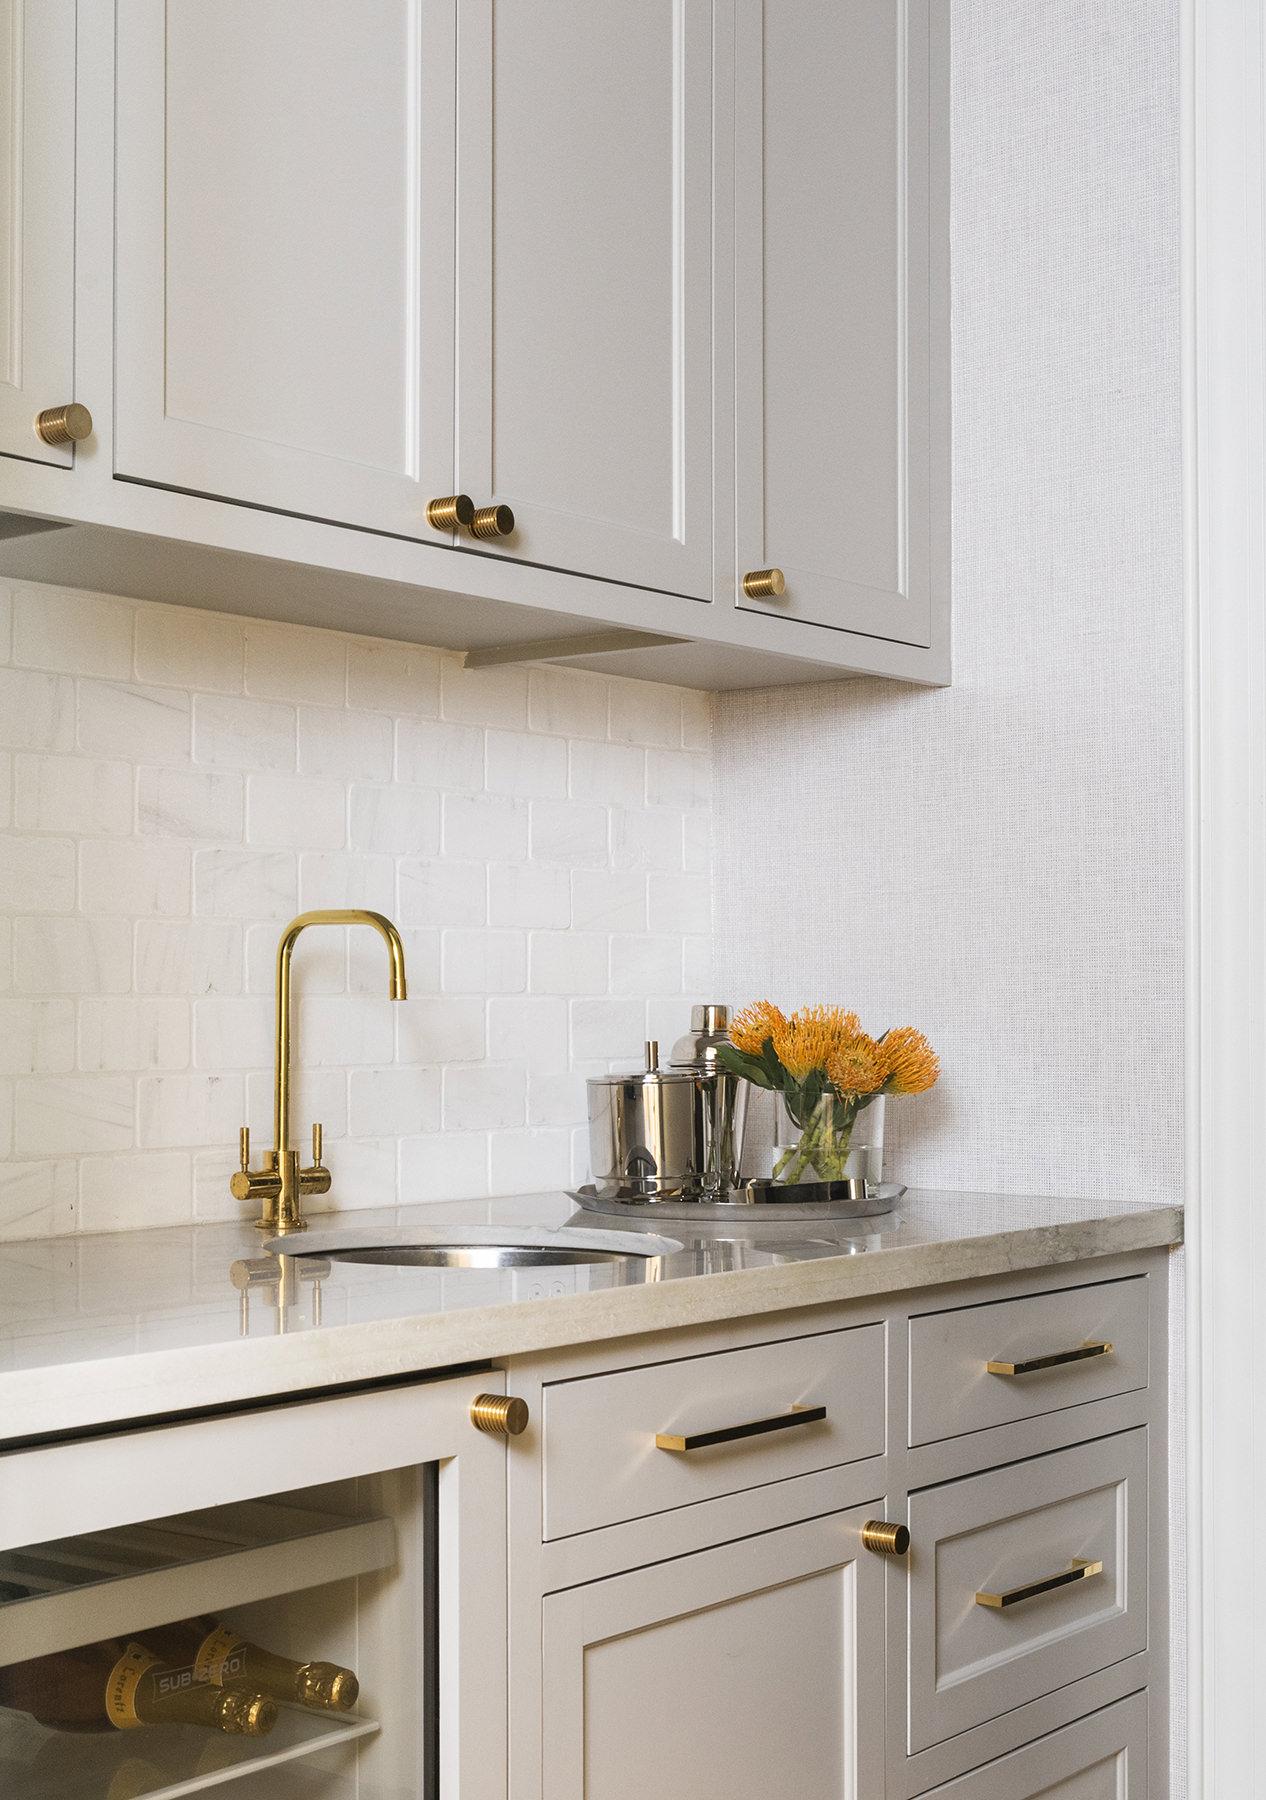 kitchen sink with orange floral arrangement